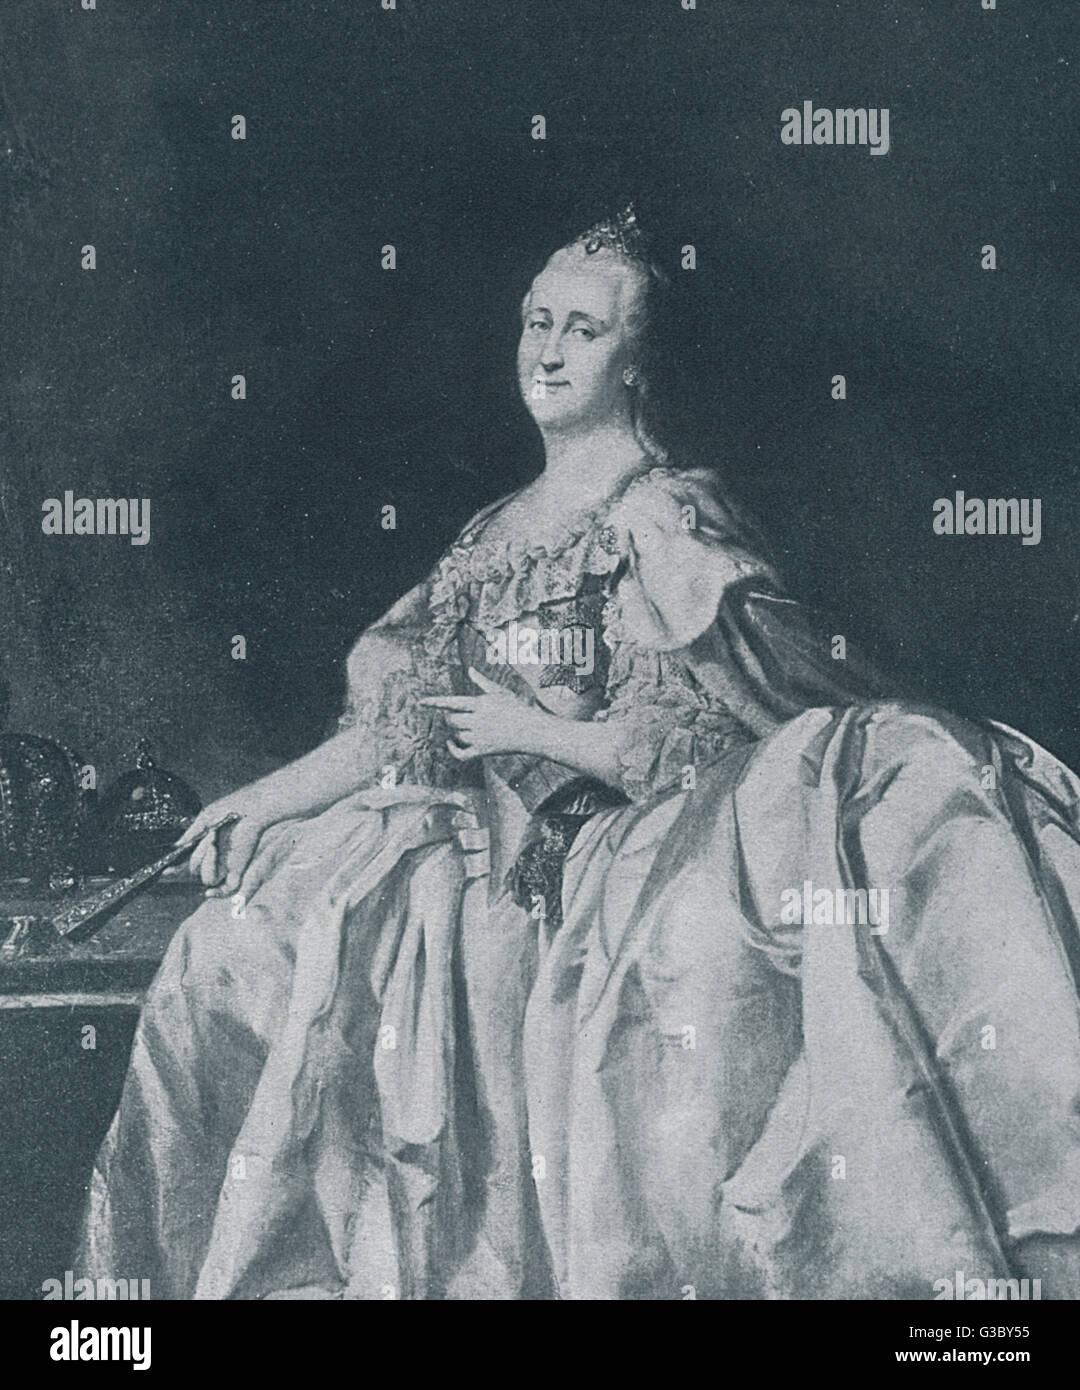 Yekaterina Alexeïevna ou Catherine II, également connu sous le nom de la Grande Catherine de Russie (1729-1796, règne 1762-1796). Date: 18e siècle Banque D'Images